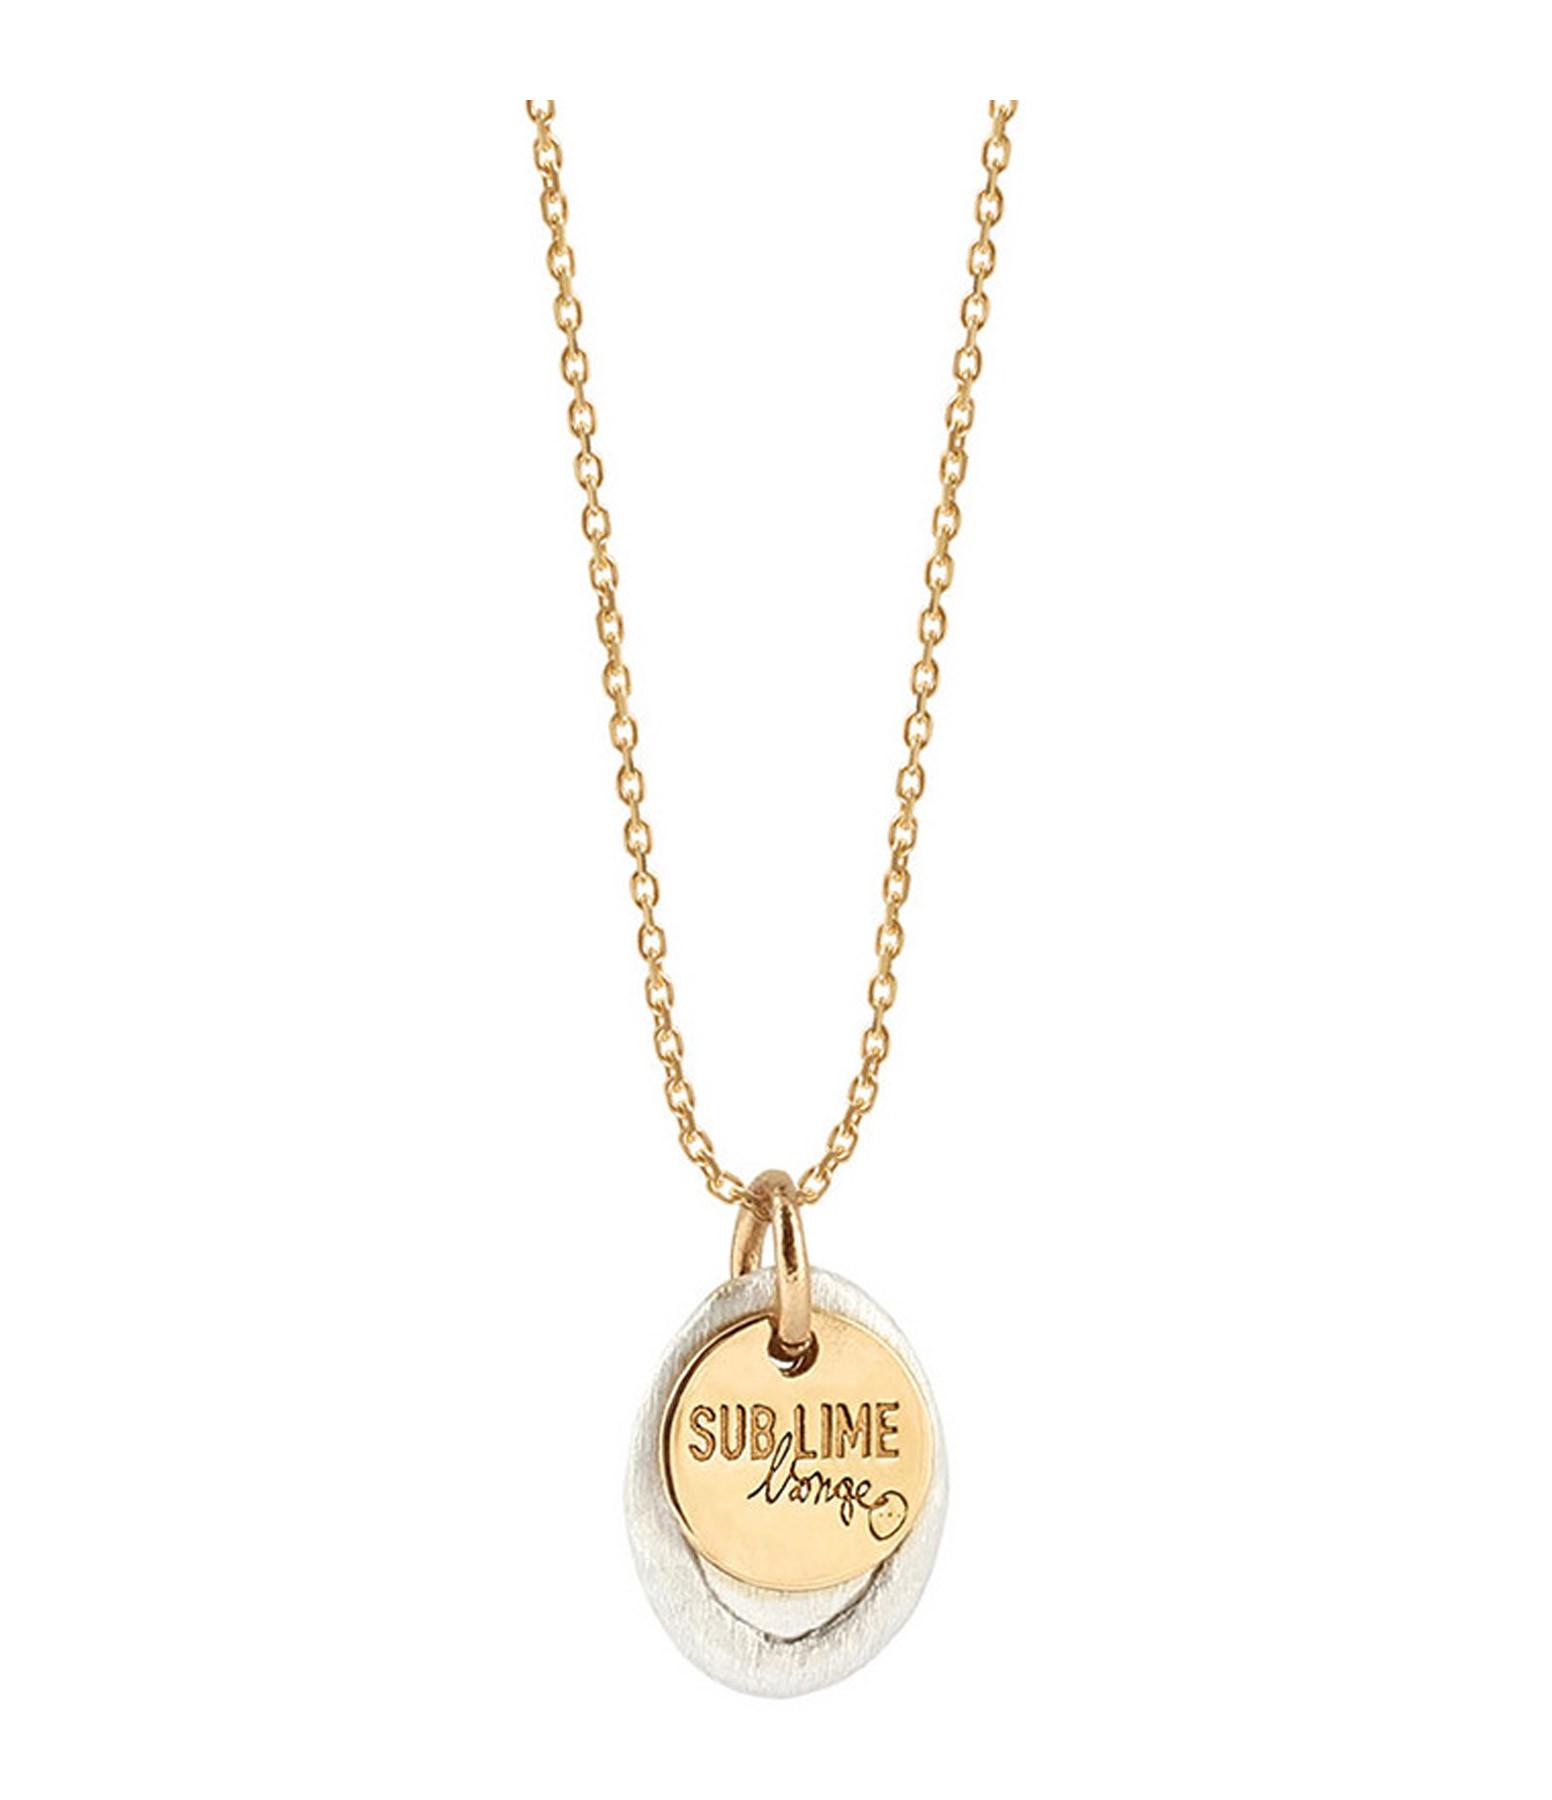 LSONGE - Collier Sublime Médaille XS Argent Or